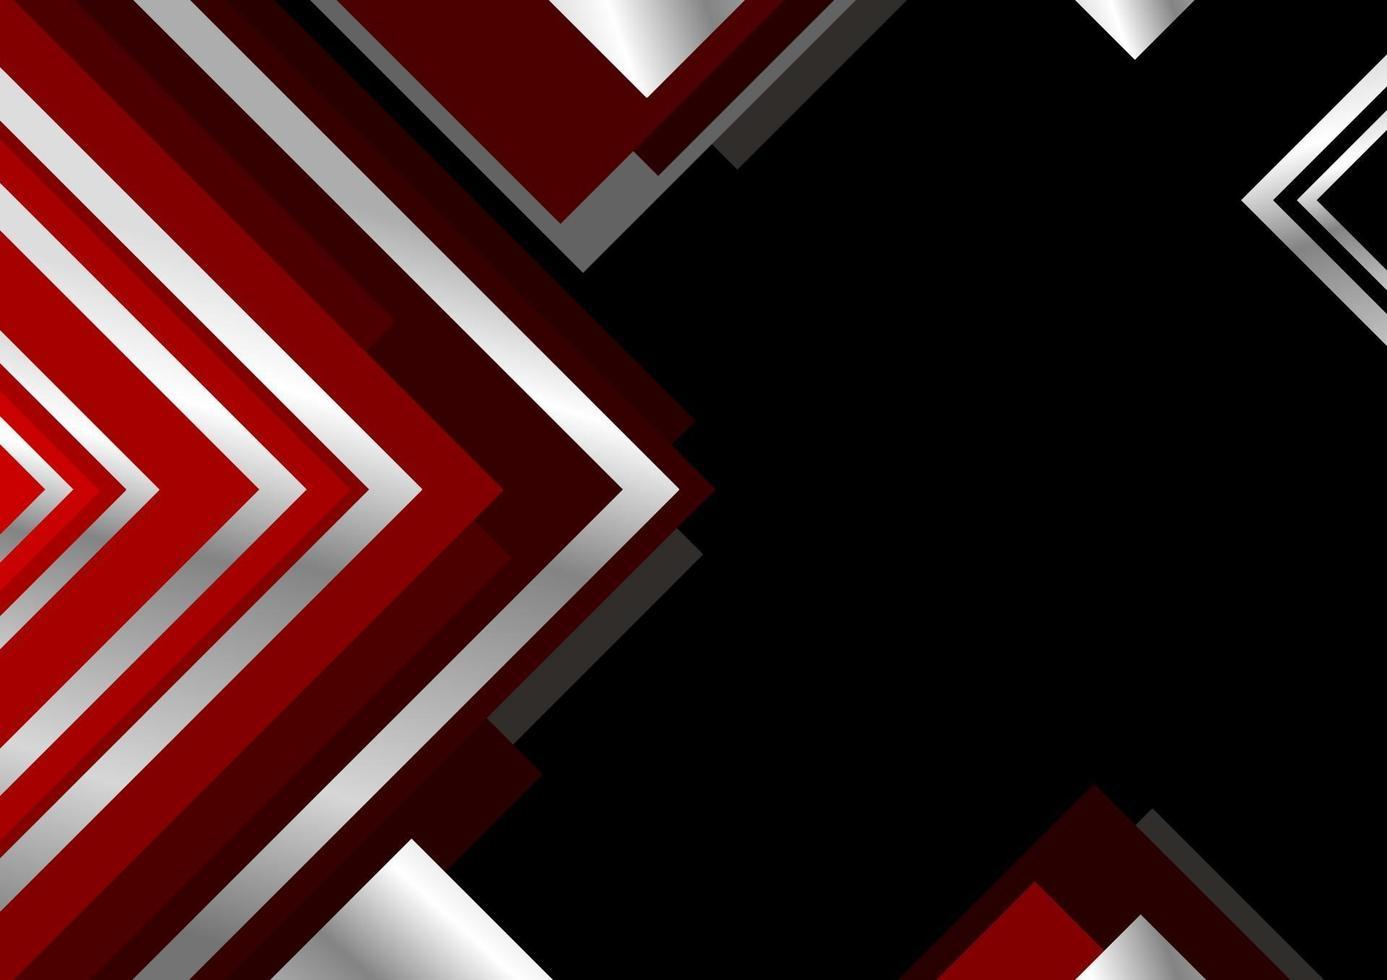 illustration vectorielle de fond géométrique abstrait vecteur